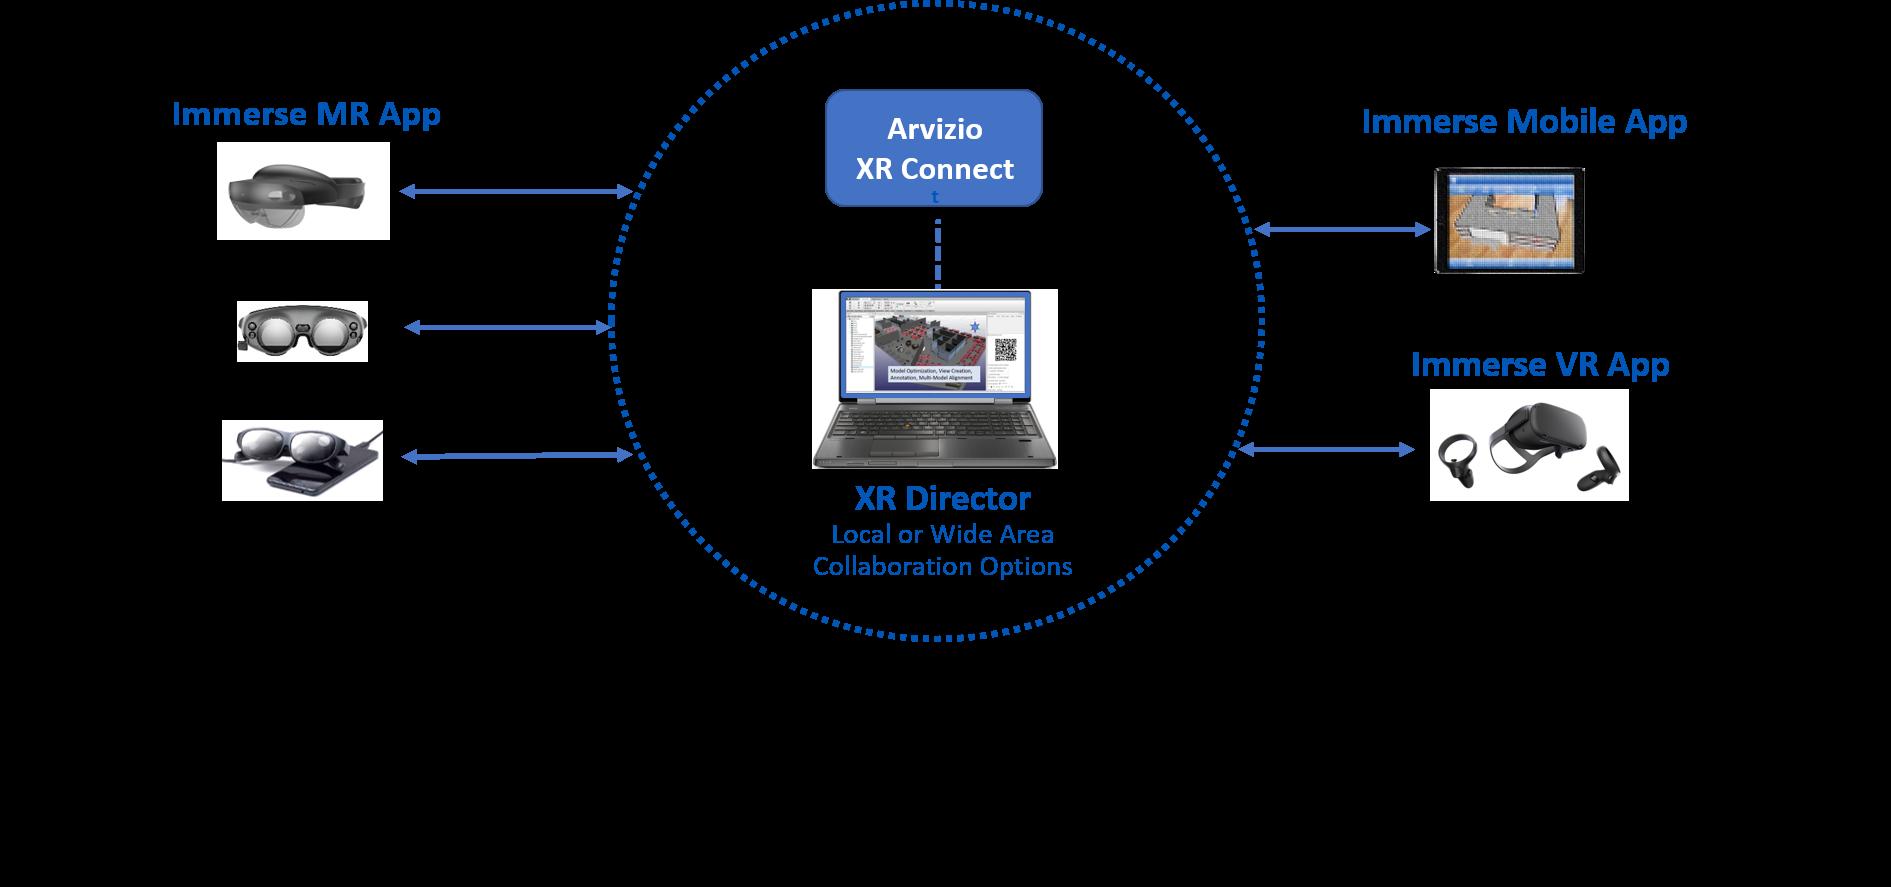 Arvizio XR Platform Architecture